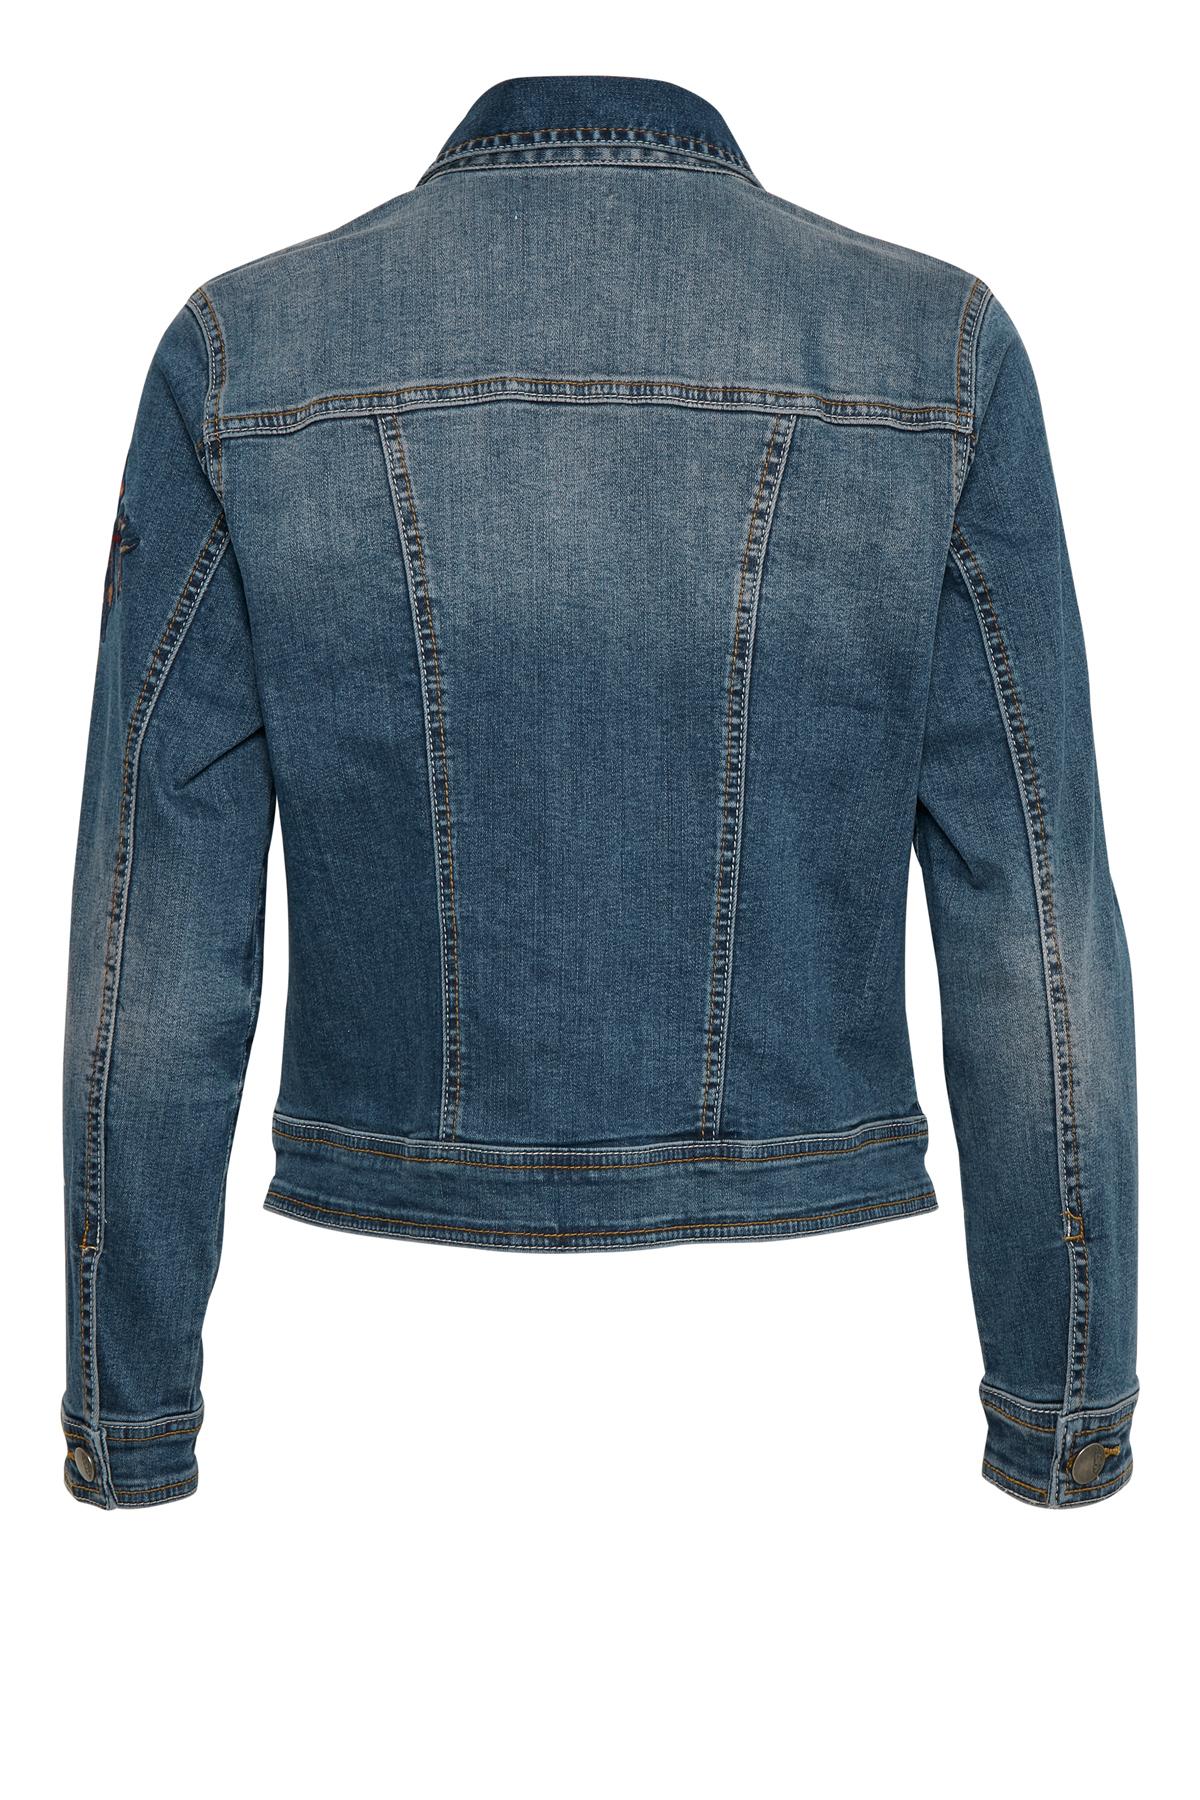 Denimblå Jeansjacka från Bon'A Parte – Köp Denimblå Jeansjacka från stl. S-2XL här